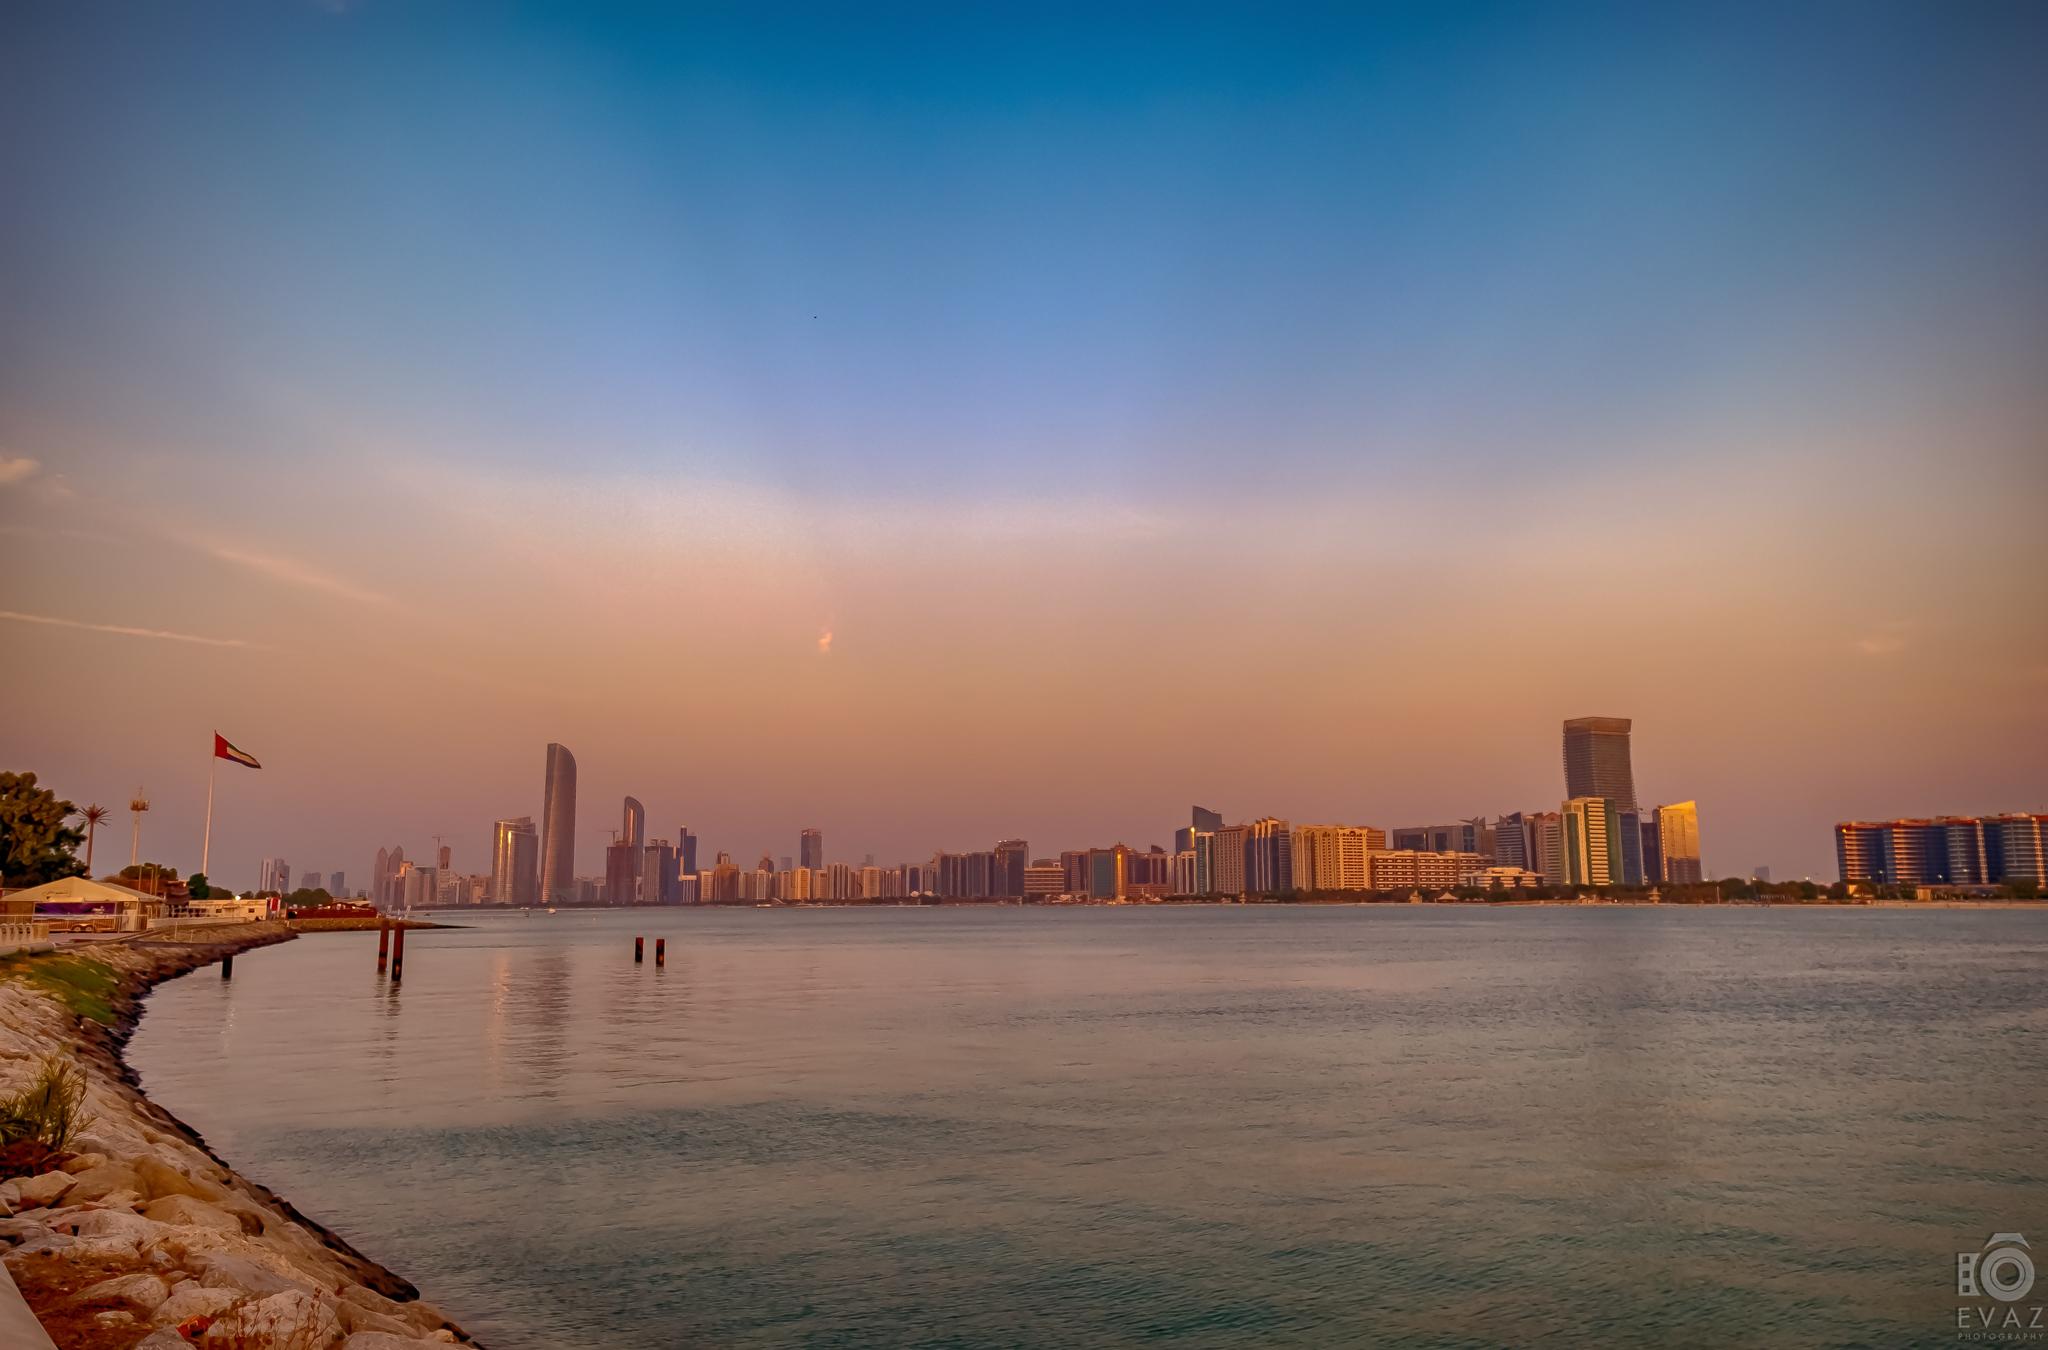 Abu Dhabi Landscape - Break water